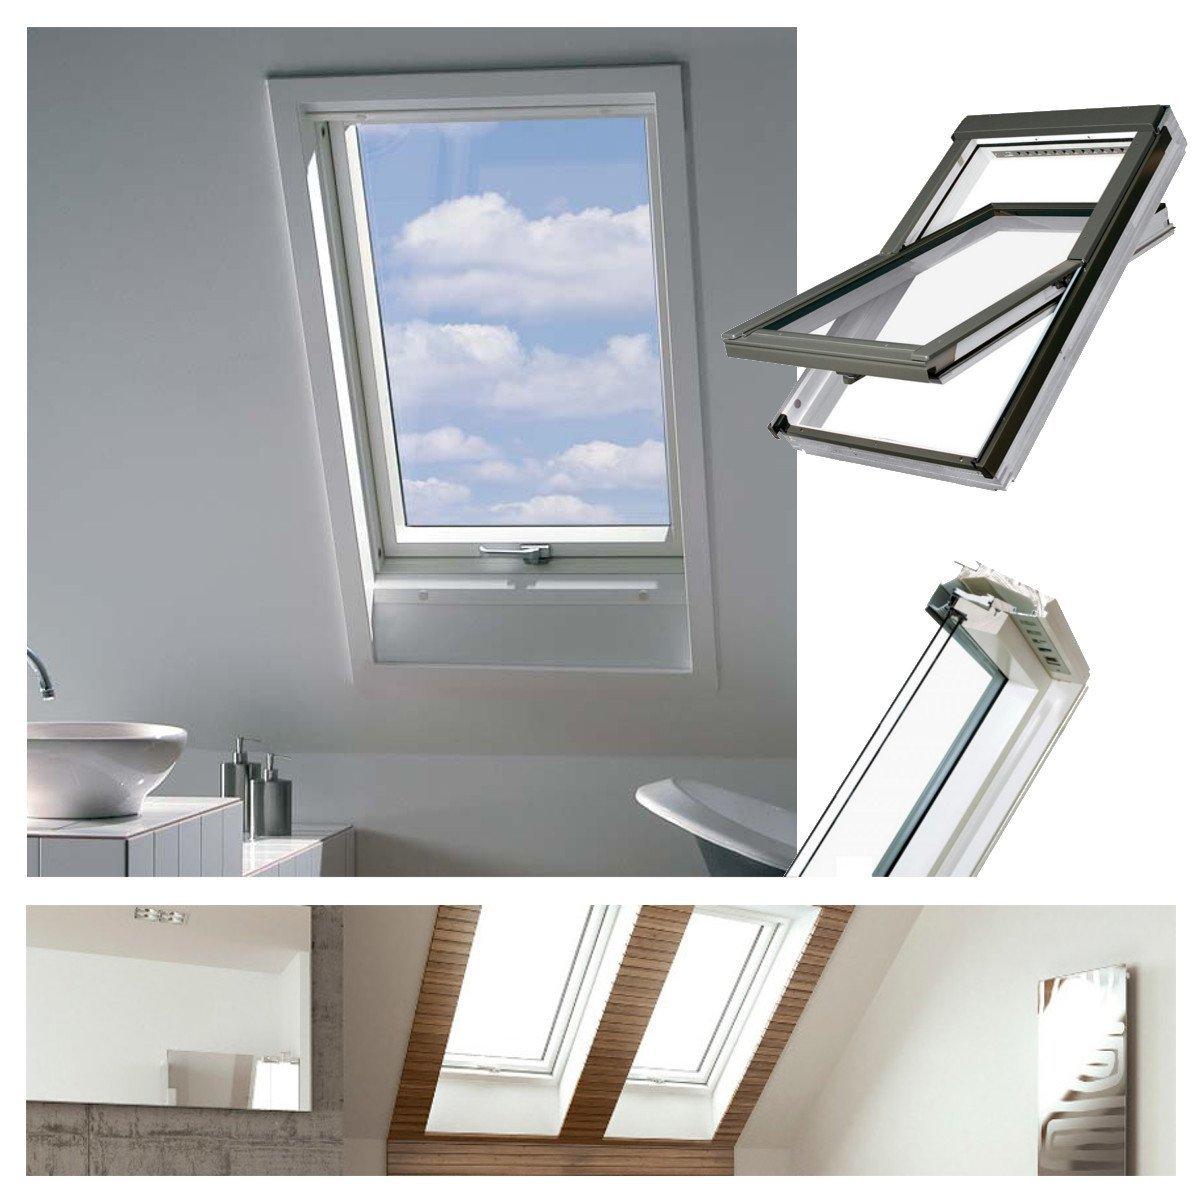 dachfenster fakro ftu v u4 3 fach verglasung schwingfenster aus wei lackiertem holz pu. Black Bedroom Furniture Sets. Home Design Ideas